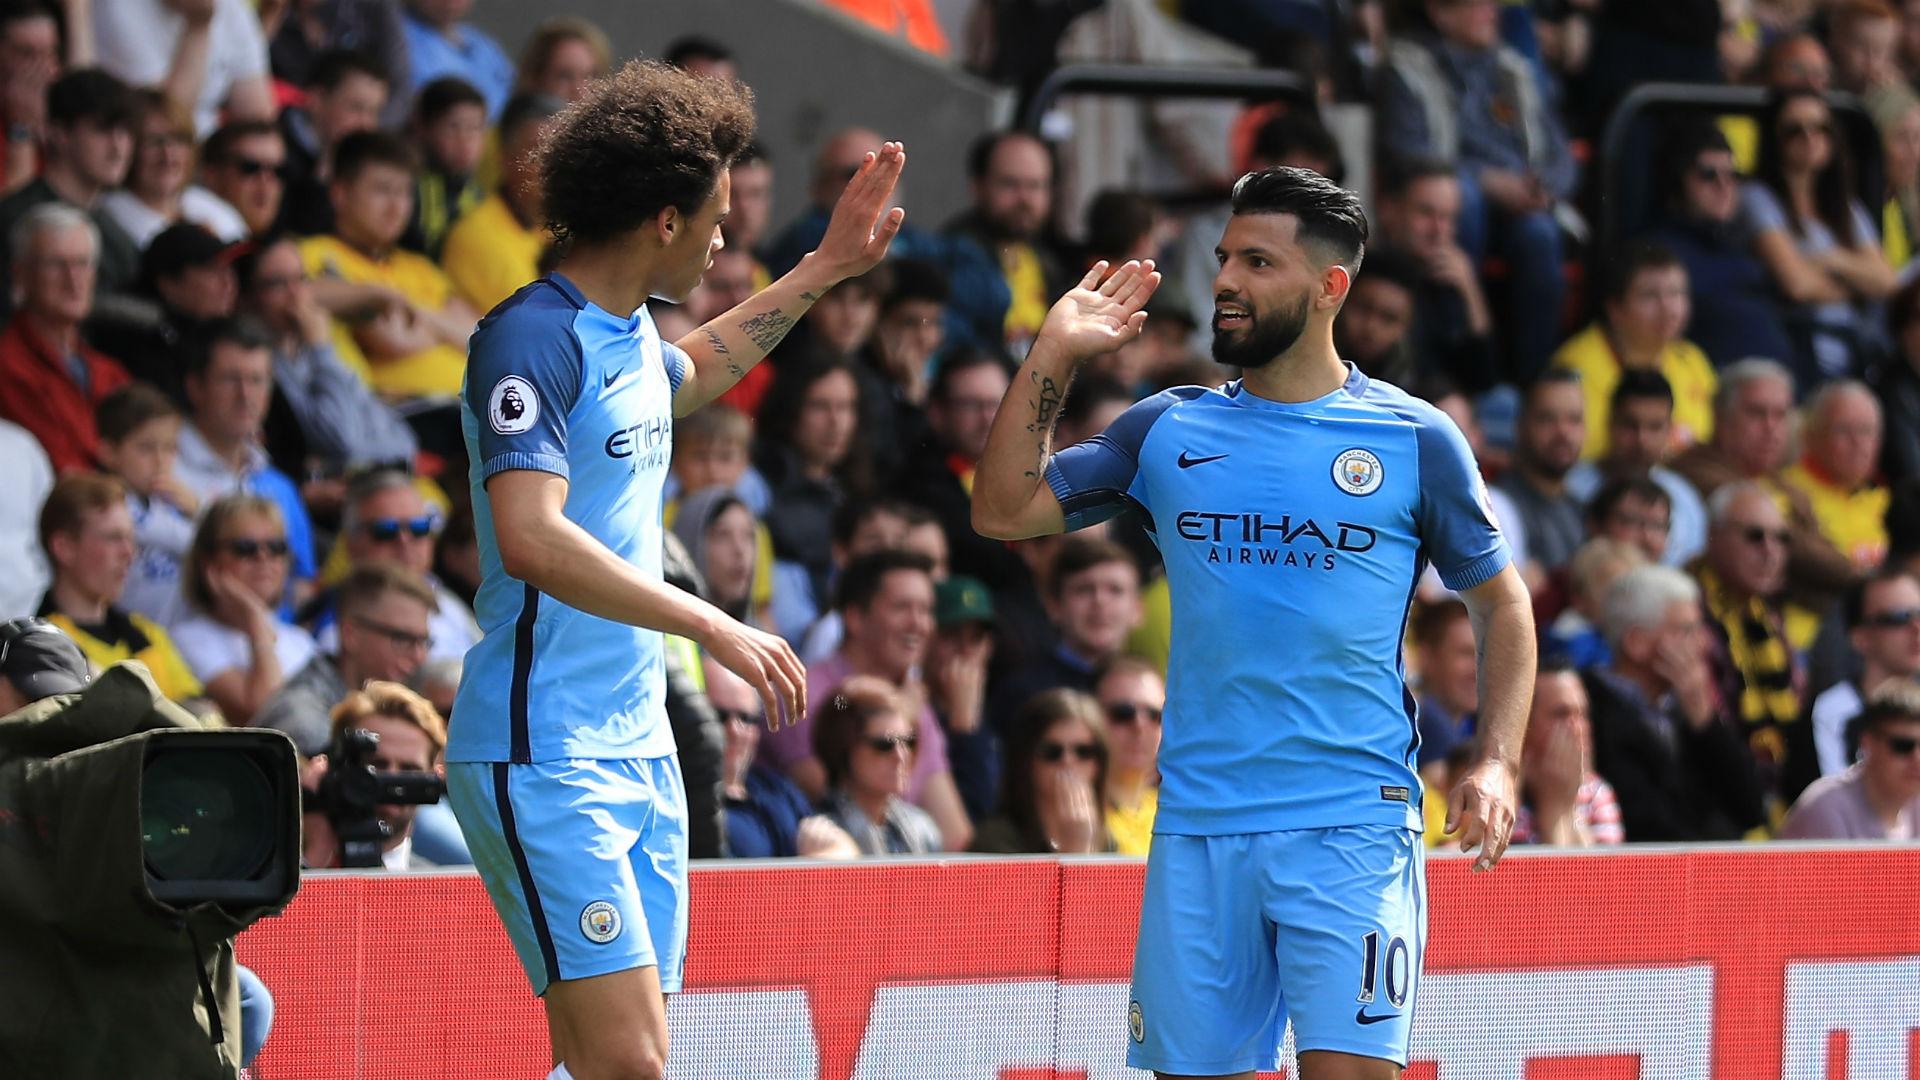 Watford 0-5 Manchester City, Premier League 2017